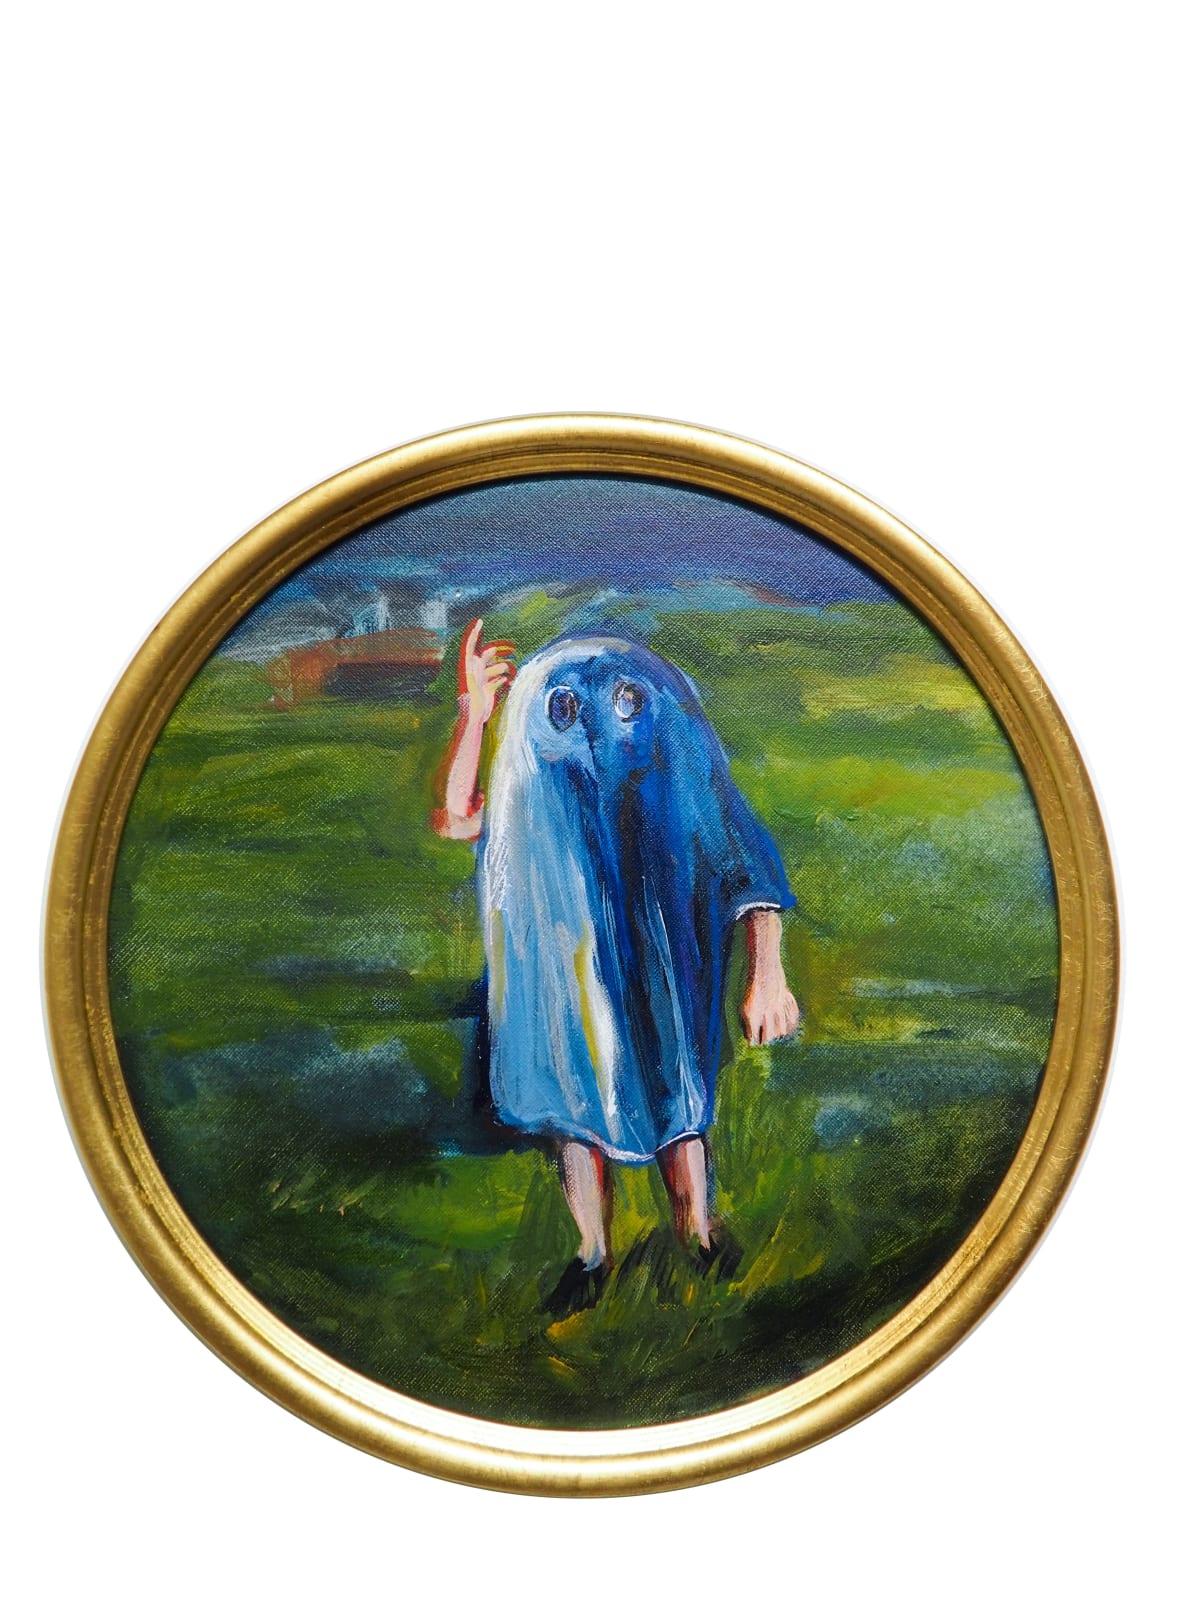 Yassine Balbzioui, freindly, 2018 Oil on board 33 cm (framed)